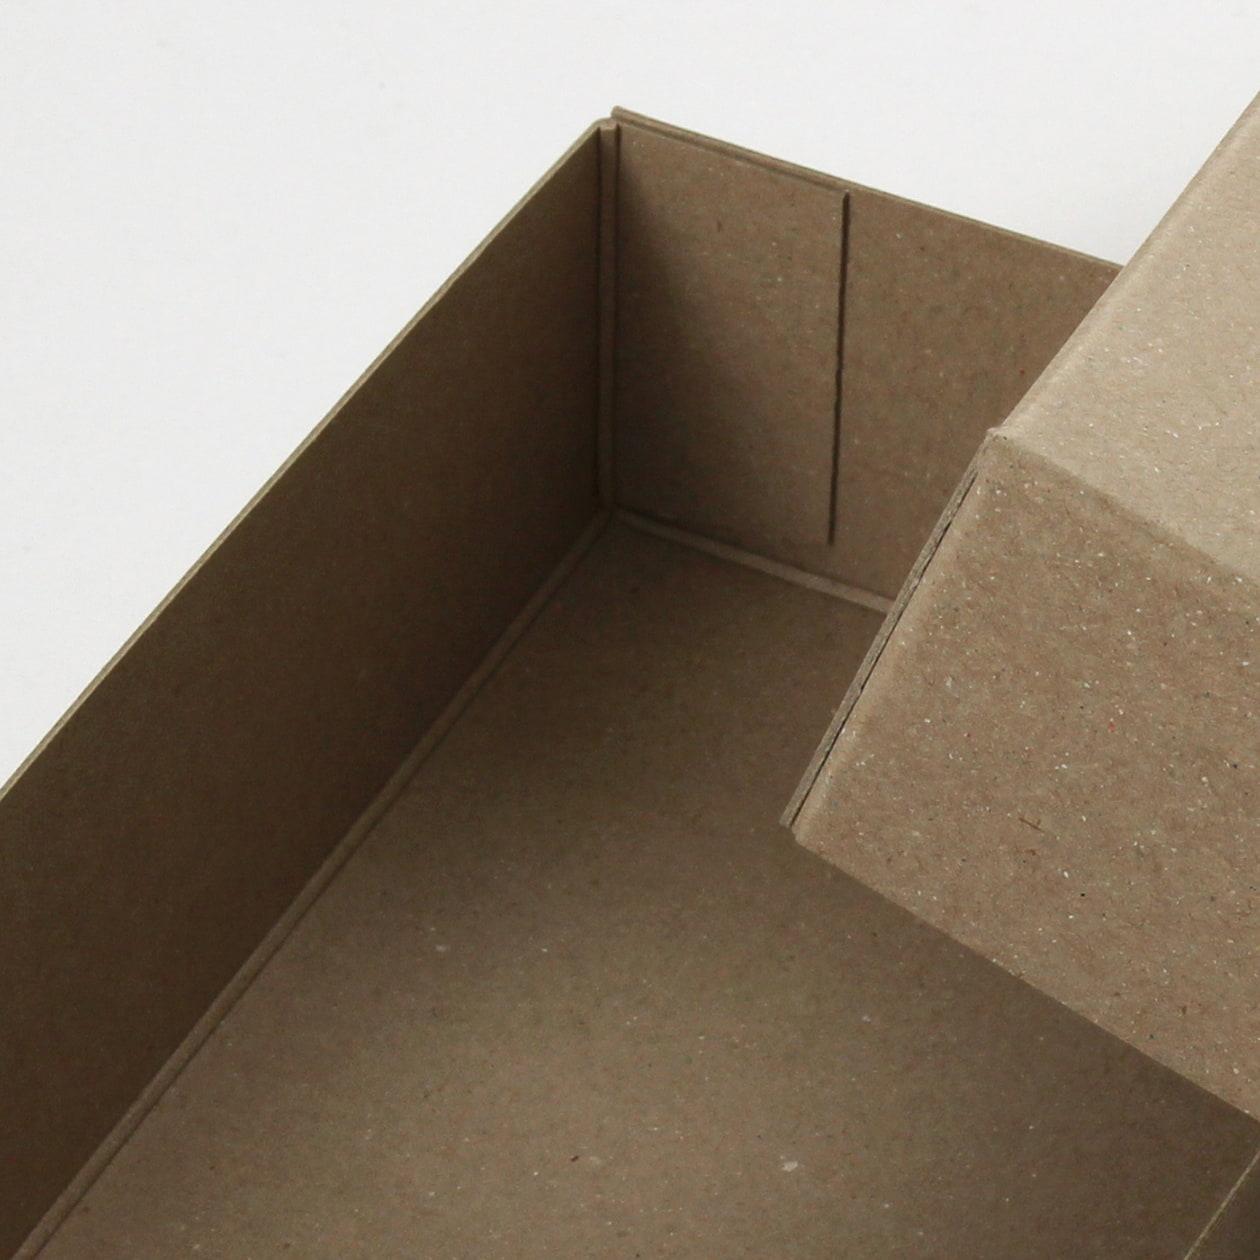 糊どめ箱 サイズM_2 ボード紙 サンド